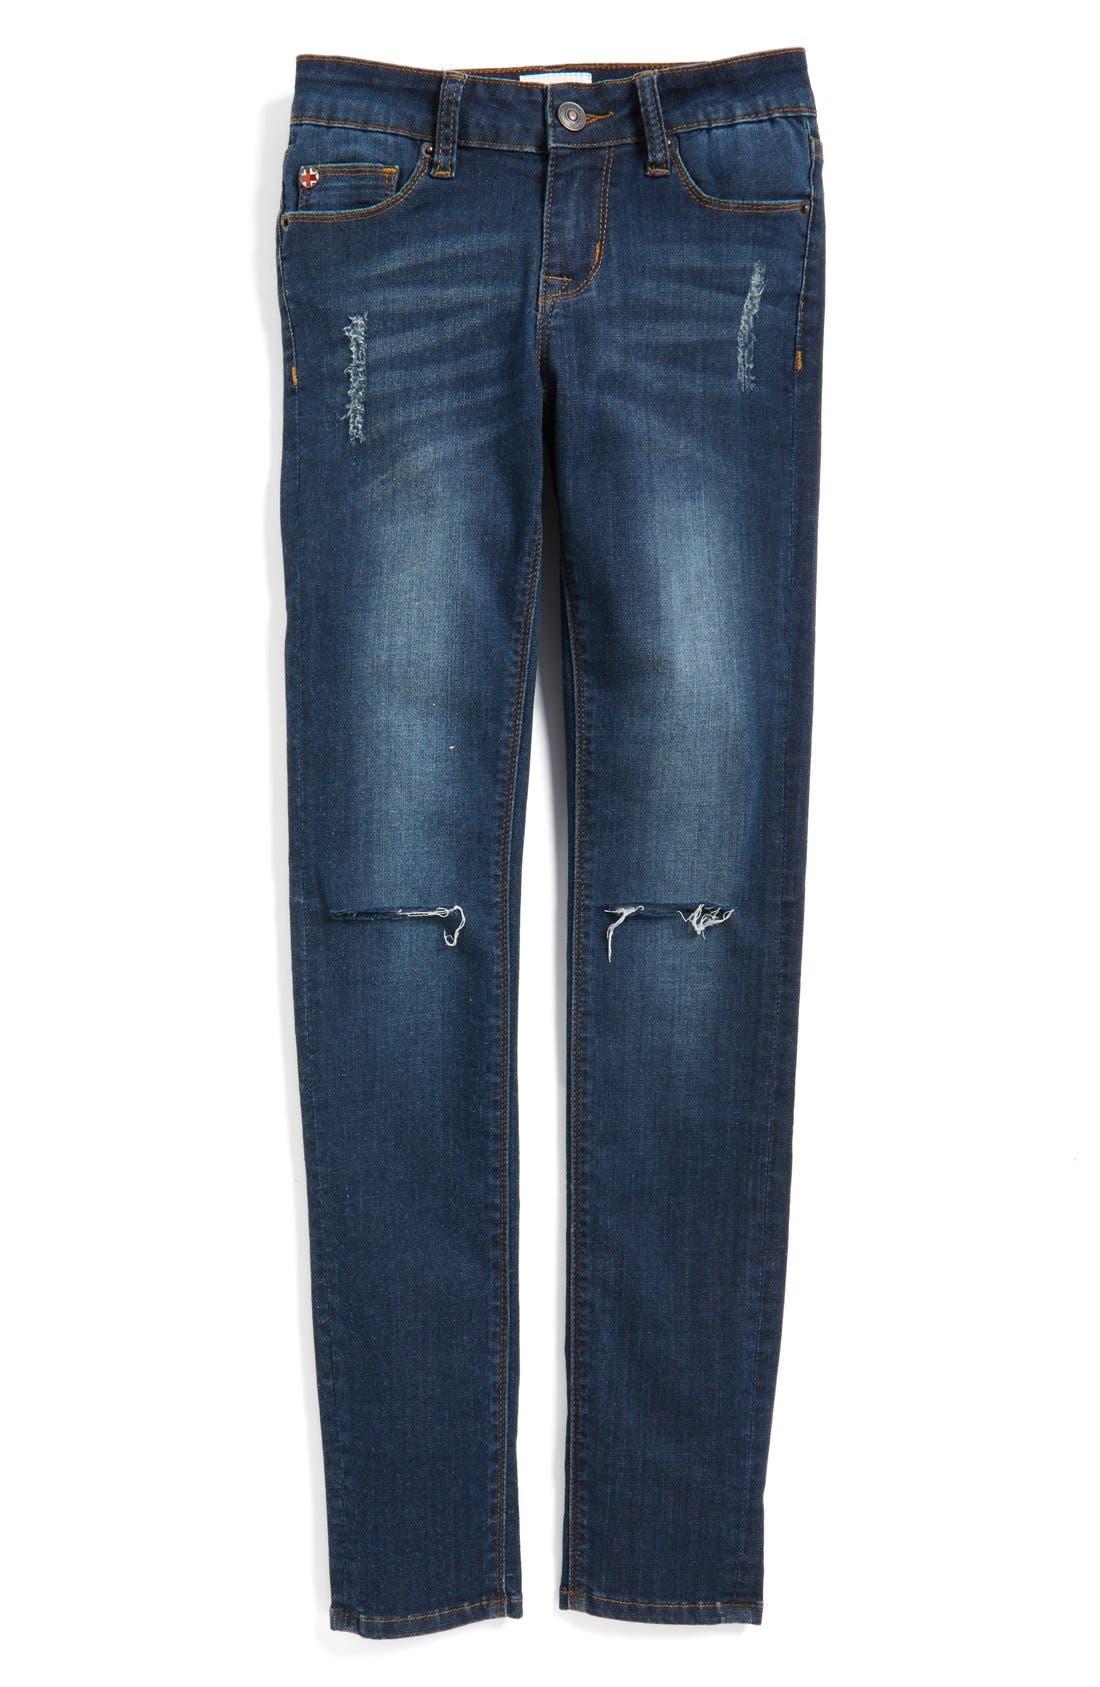 Alternate Image 1 Selected - Hudson Kids 'Dolly' Destroyed Skinny Jeans (Big Girls)